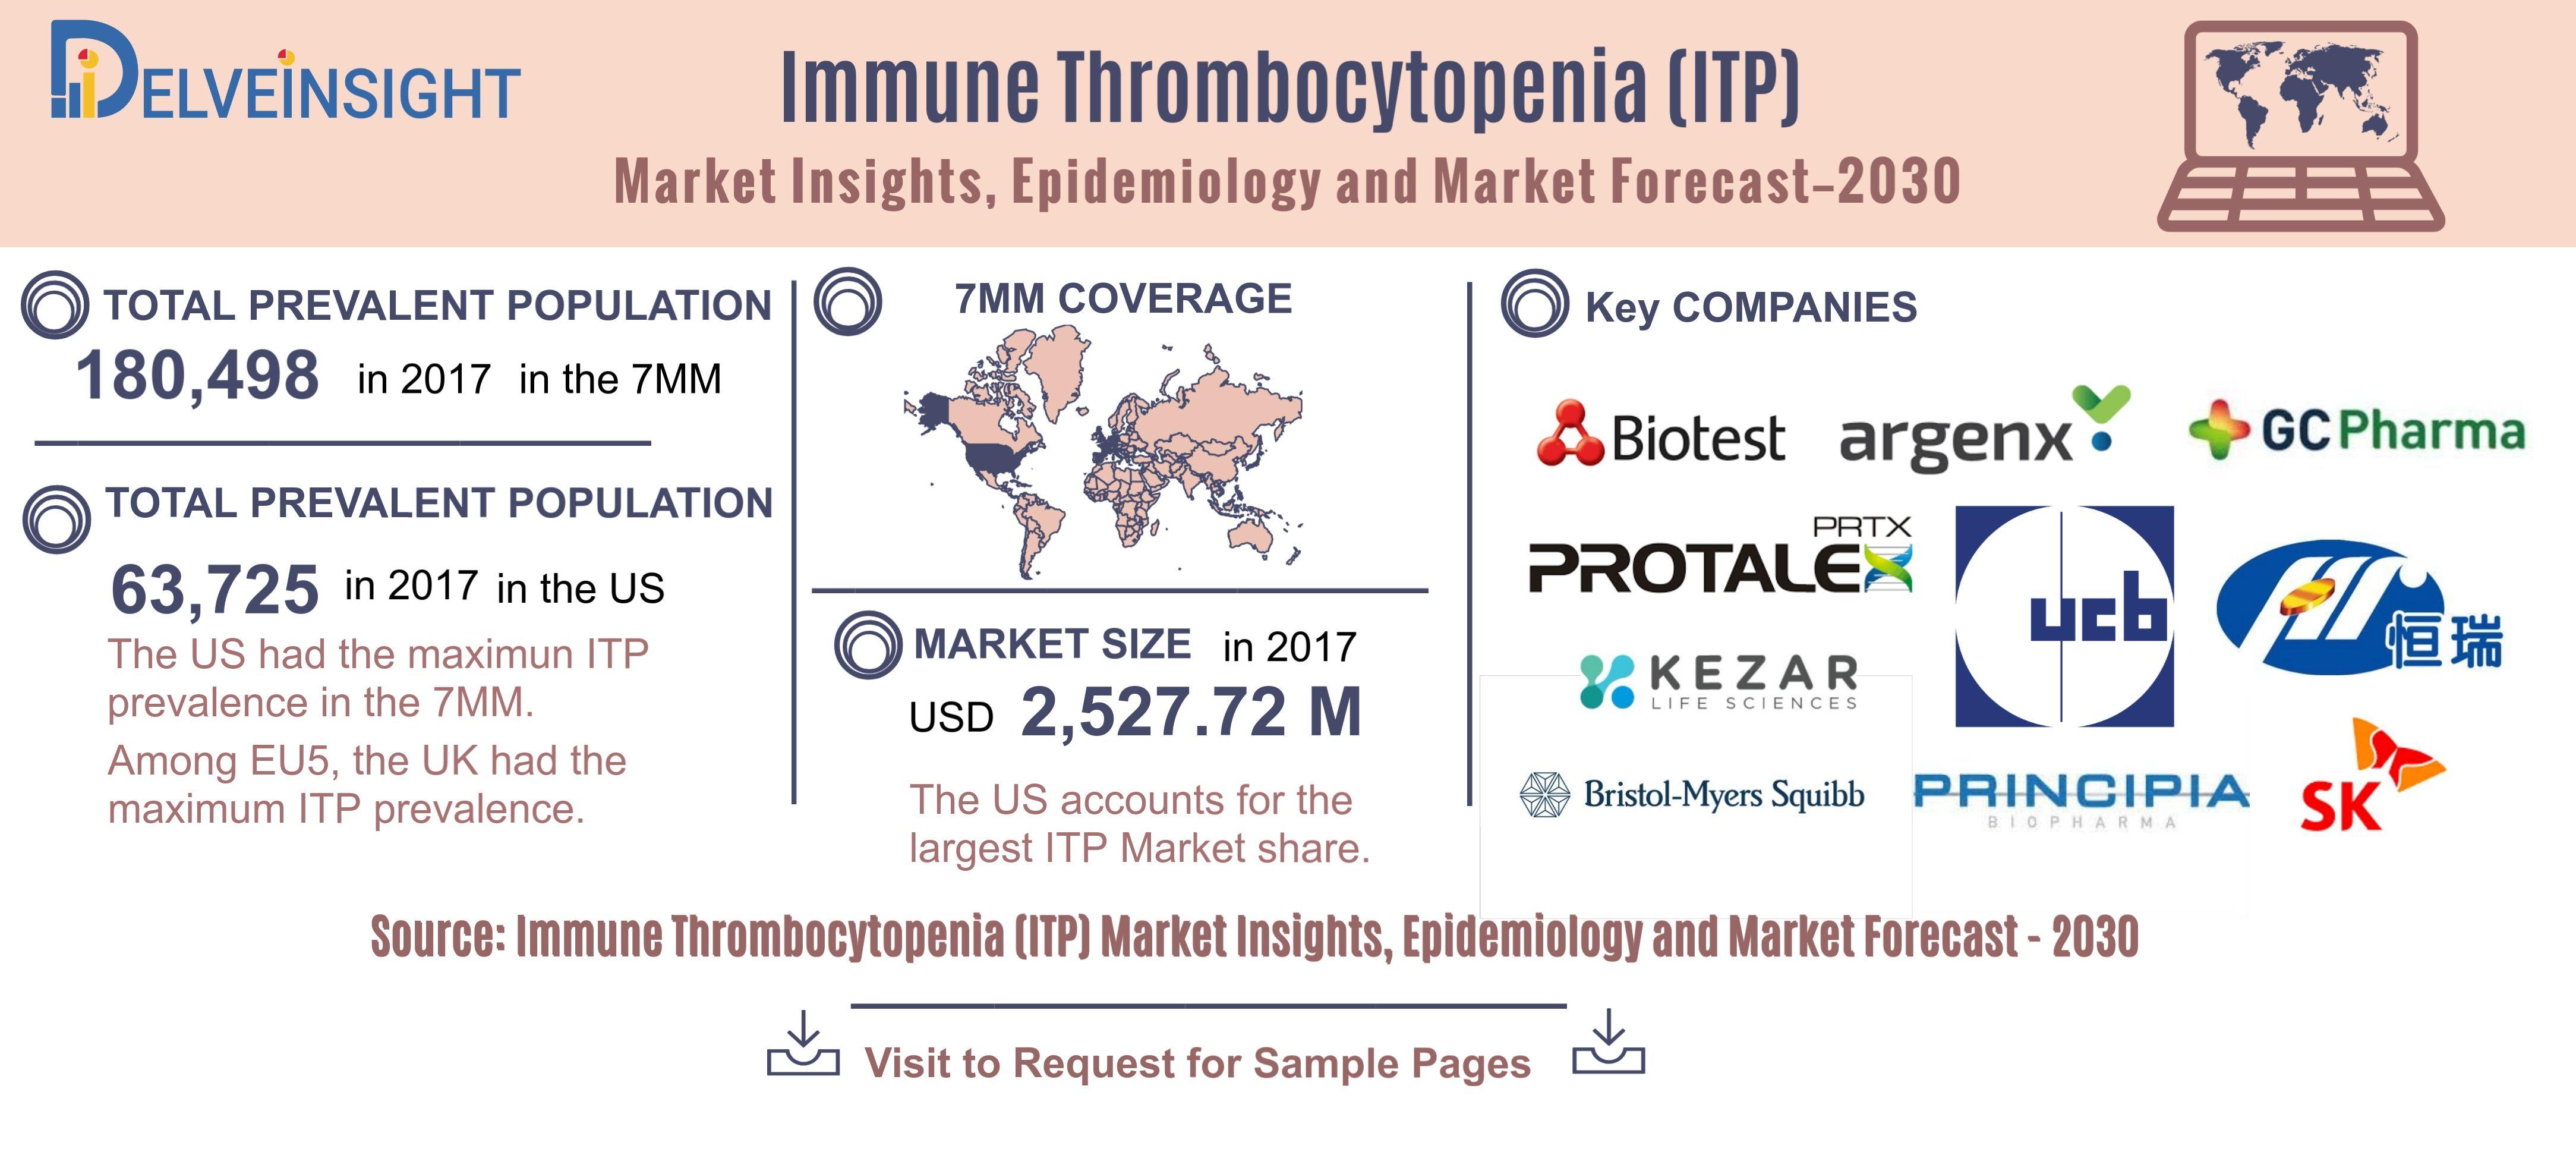 Immune thrombocytopenia Epidemiology Insights, Analysis